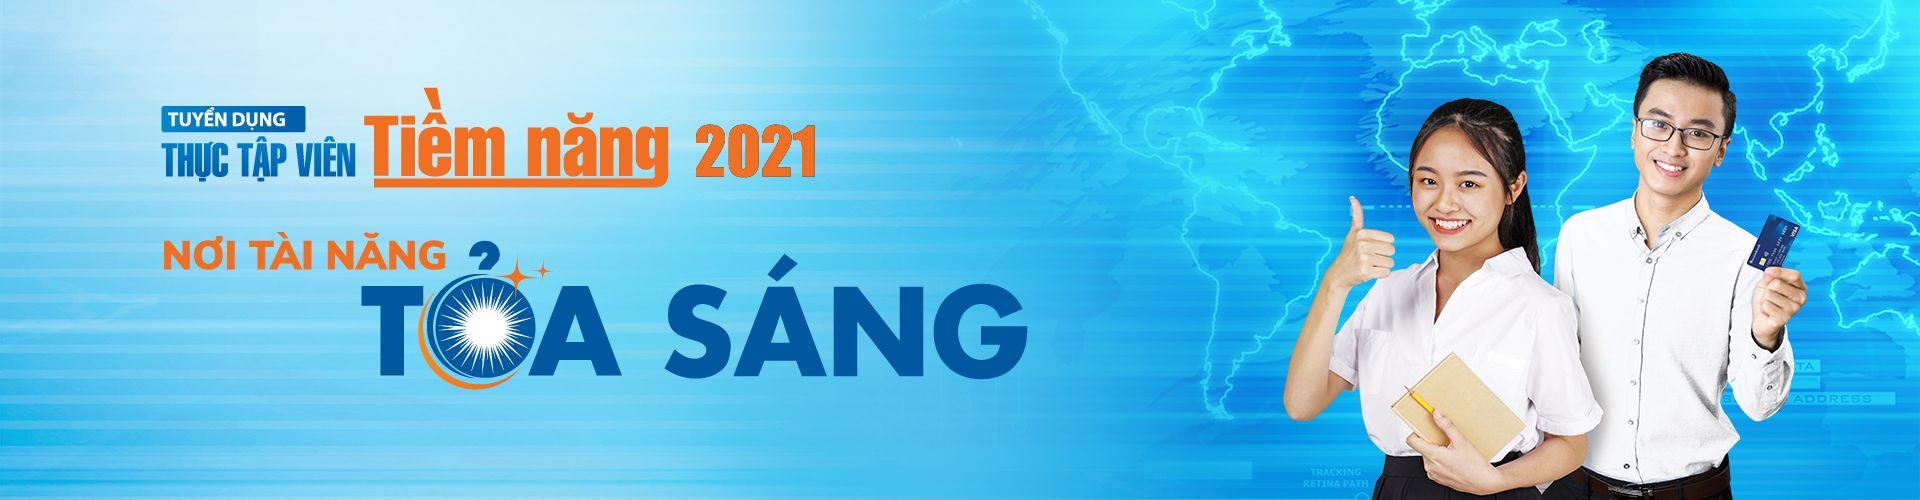 TUYỂN DỤNG THỰC TẬP VIÊN TIỀM NĂNG 2021 TẠI TP.HCM & TP. HÀ NỘI